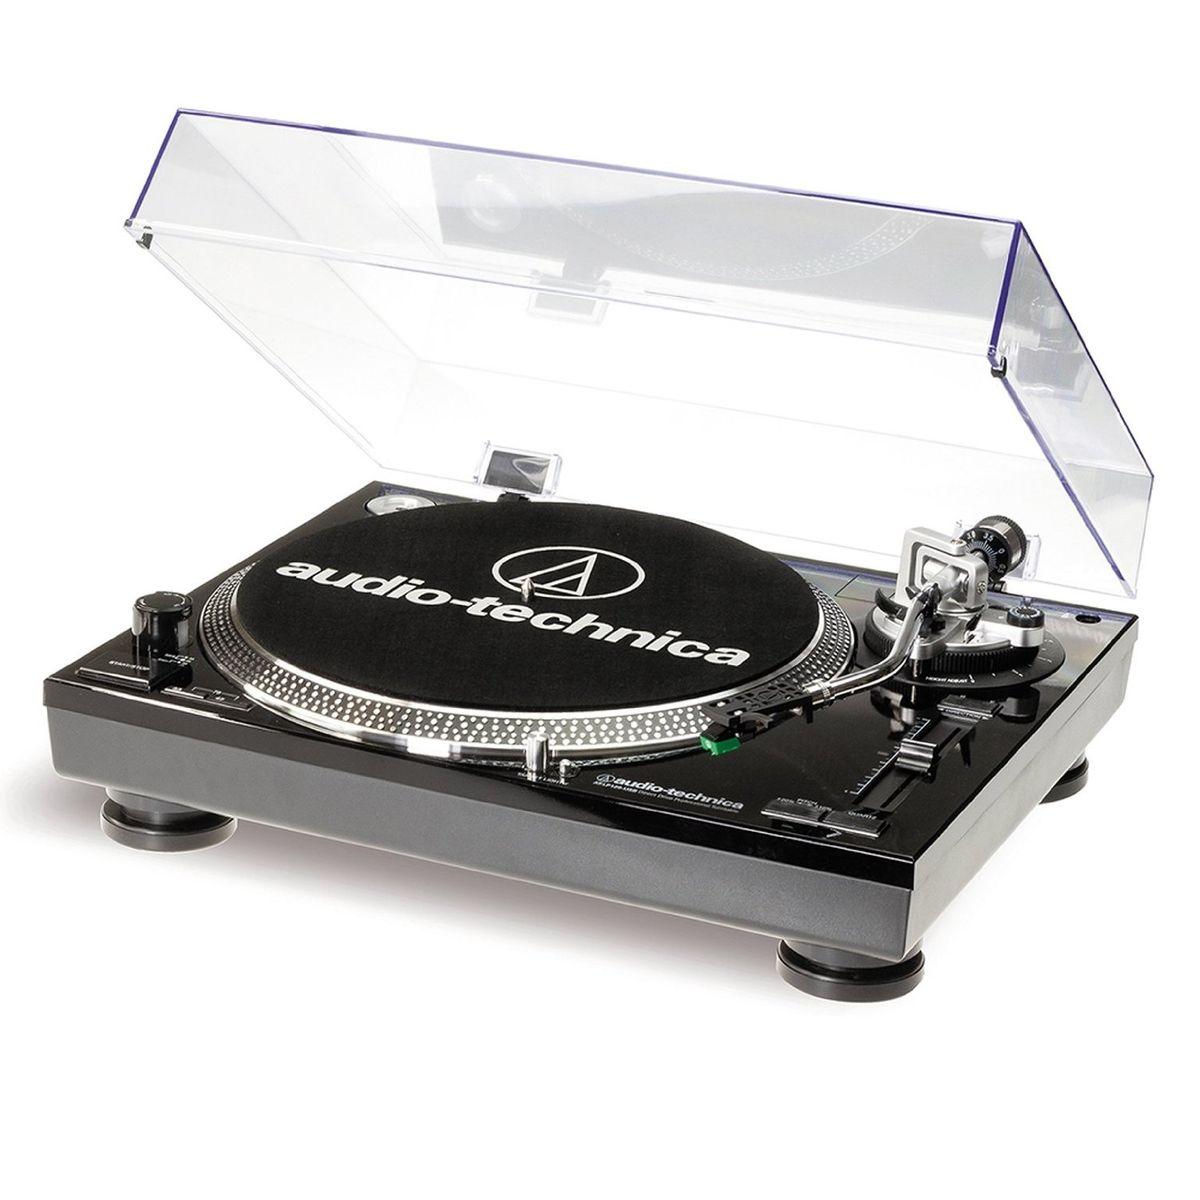 Audio-Technica AT-LP120-USBHC, Black проигрыватель виниловых дисков